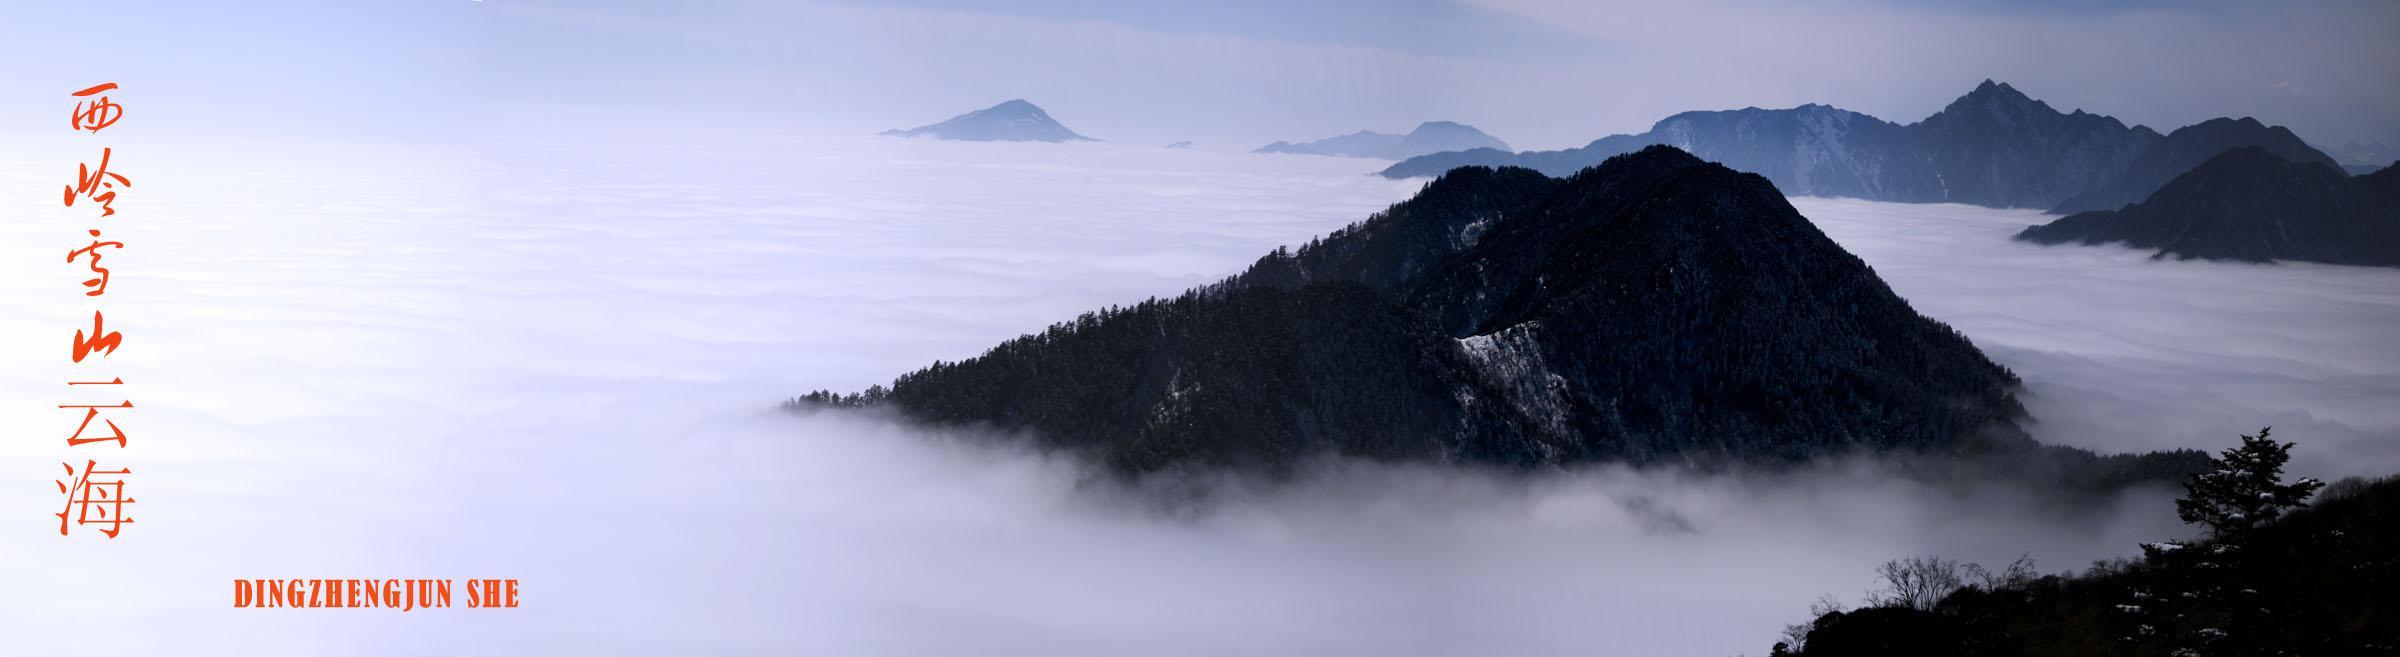 西岭雪山滑雪场位于风景区西岭雪山东大门